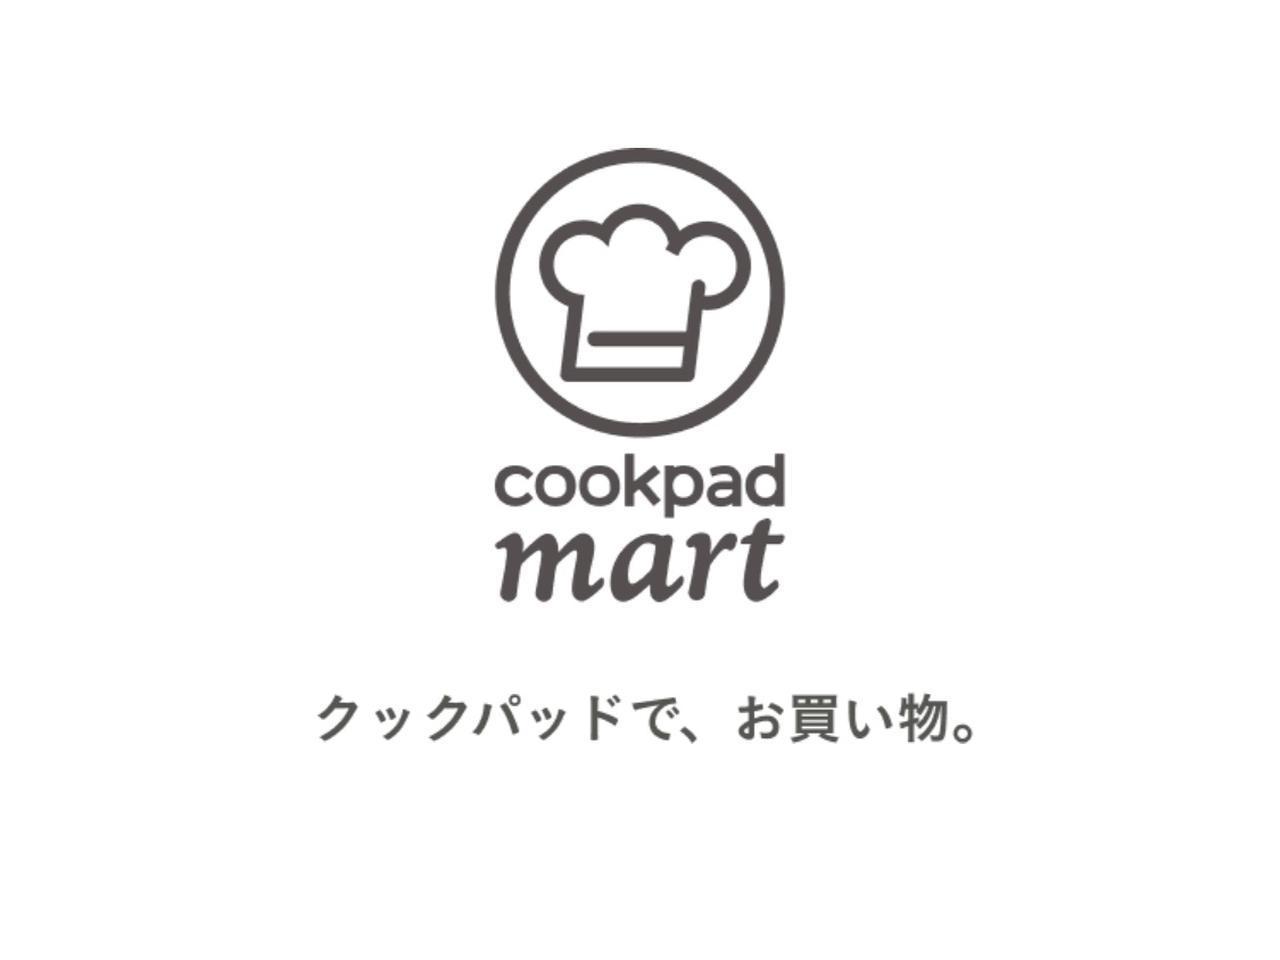 画像: 『クックパッドマート - 生鮮食品ネットスーパー』 - Fun Fun Fun Club - デジタル・ライフスタイルマガジン